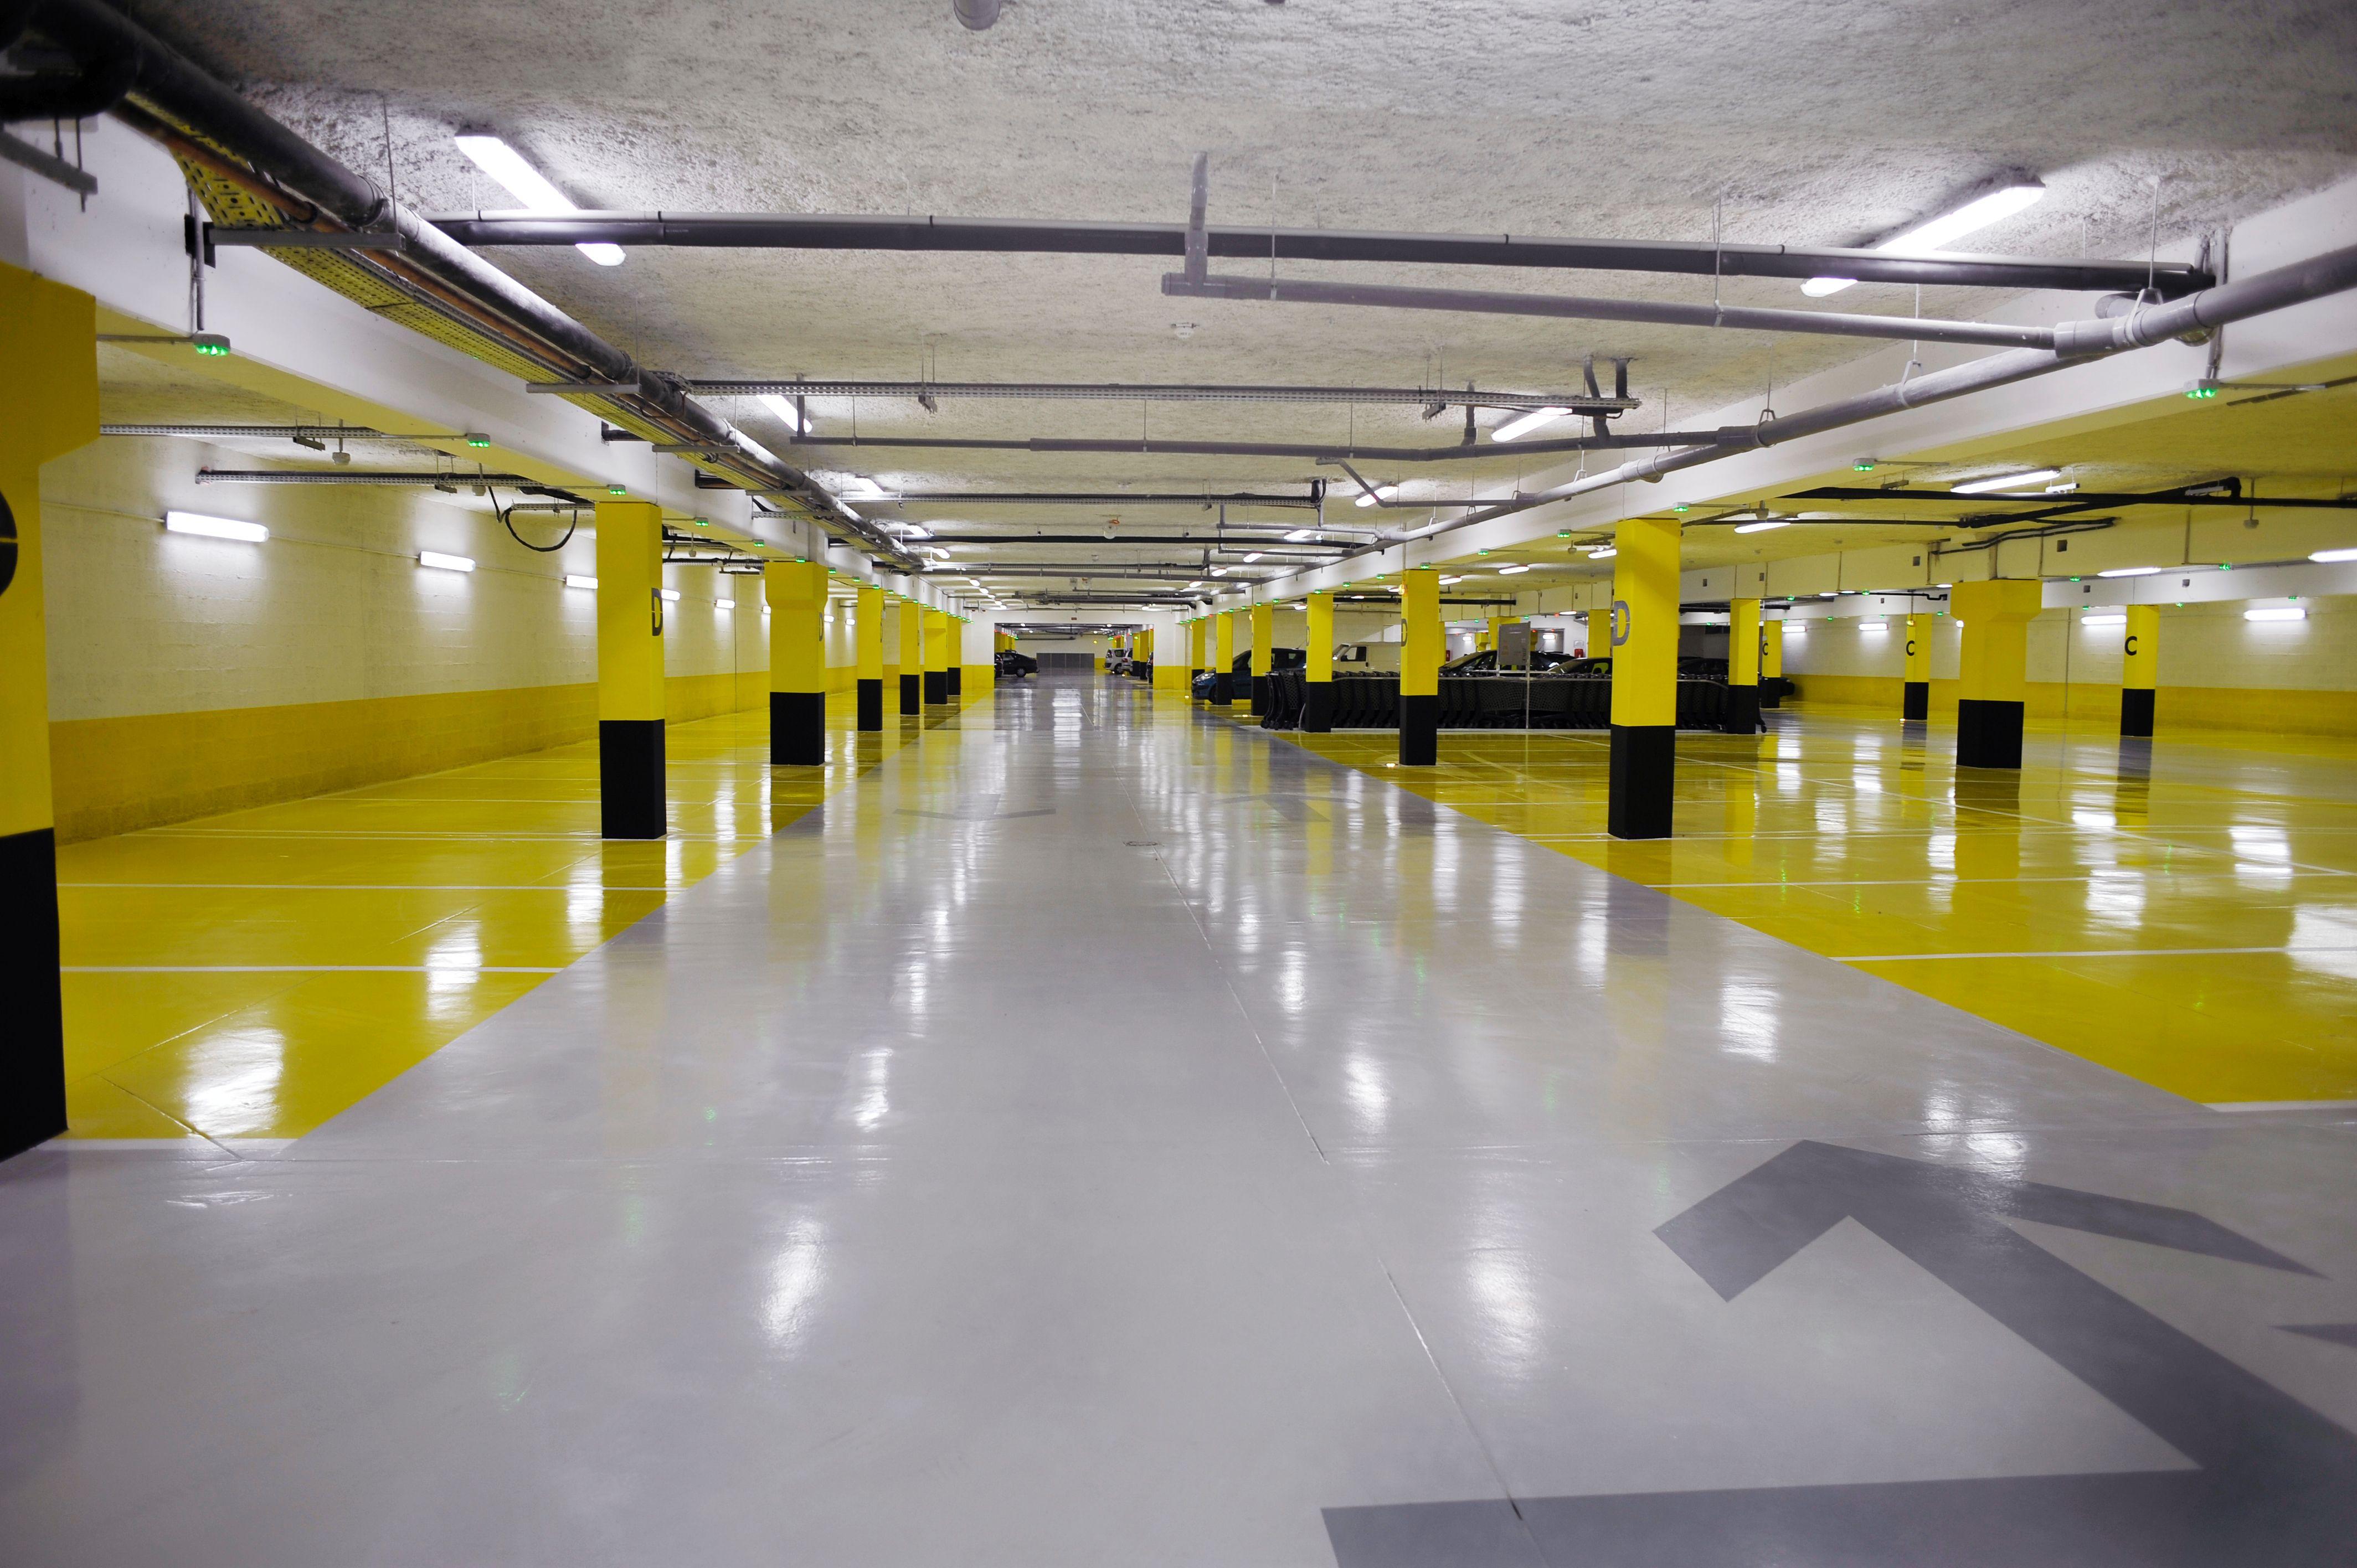 Suelos de parkings y garajes: Limpieza y mantenimiento de Limpiezas Galvez